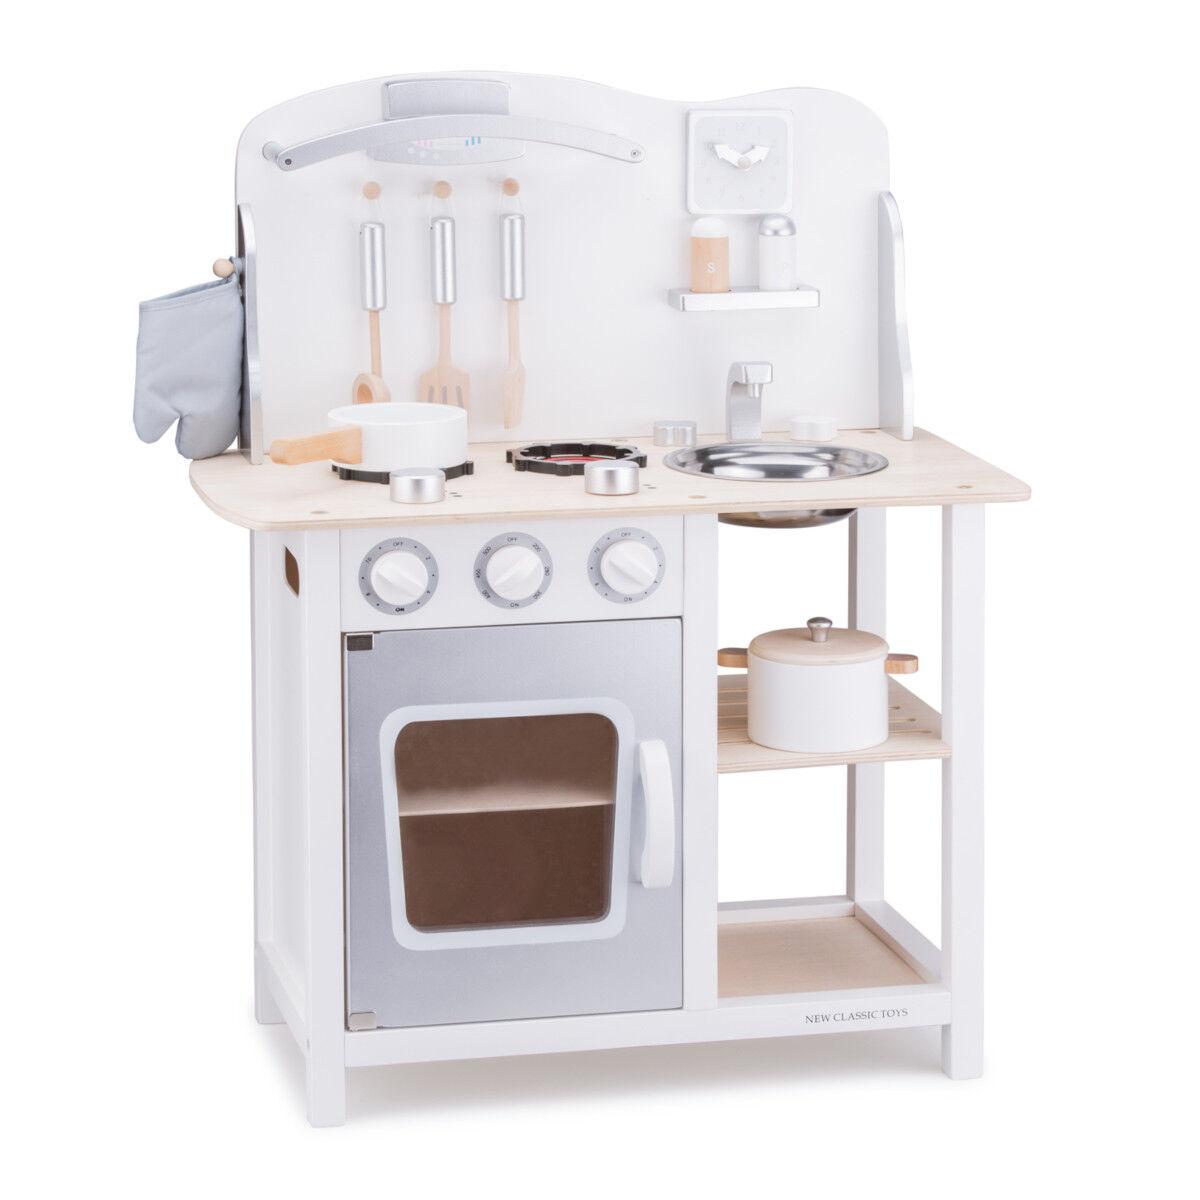 Spielküche Kinderküche Holz Weiß Grau mit Zubehör Holzspielzeug Küche Spielzeug